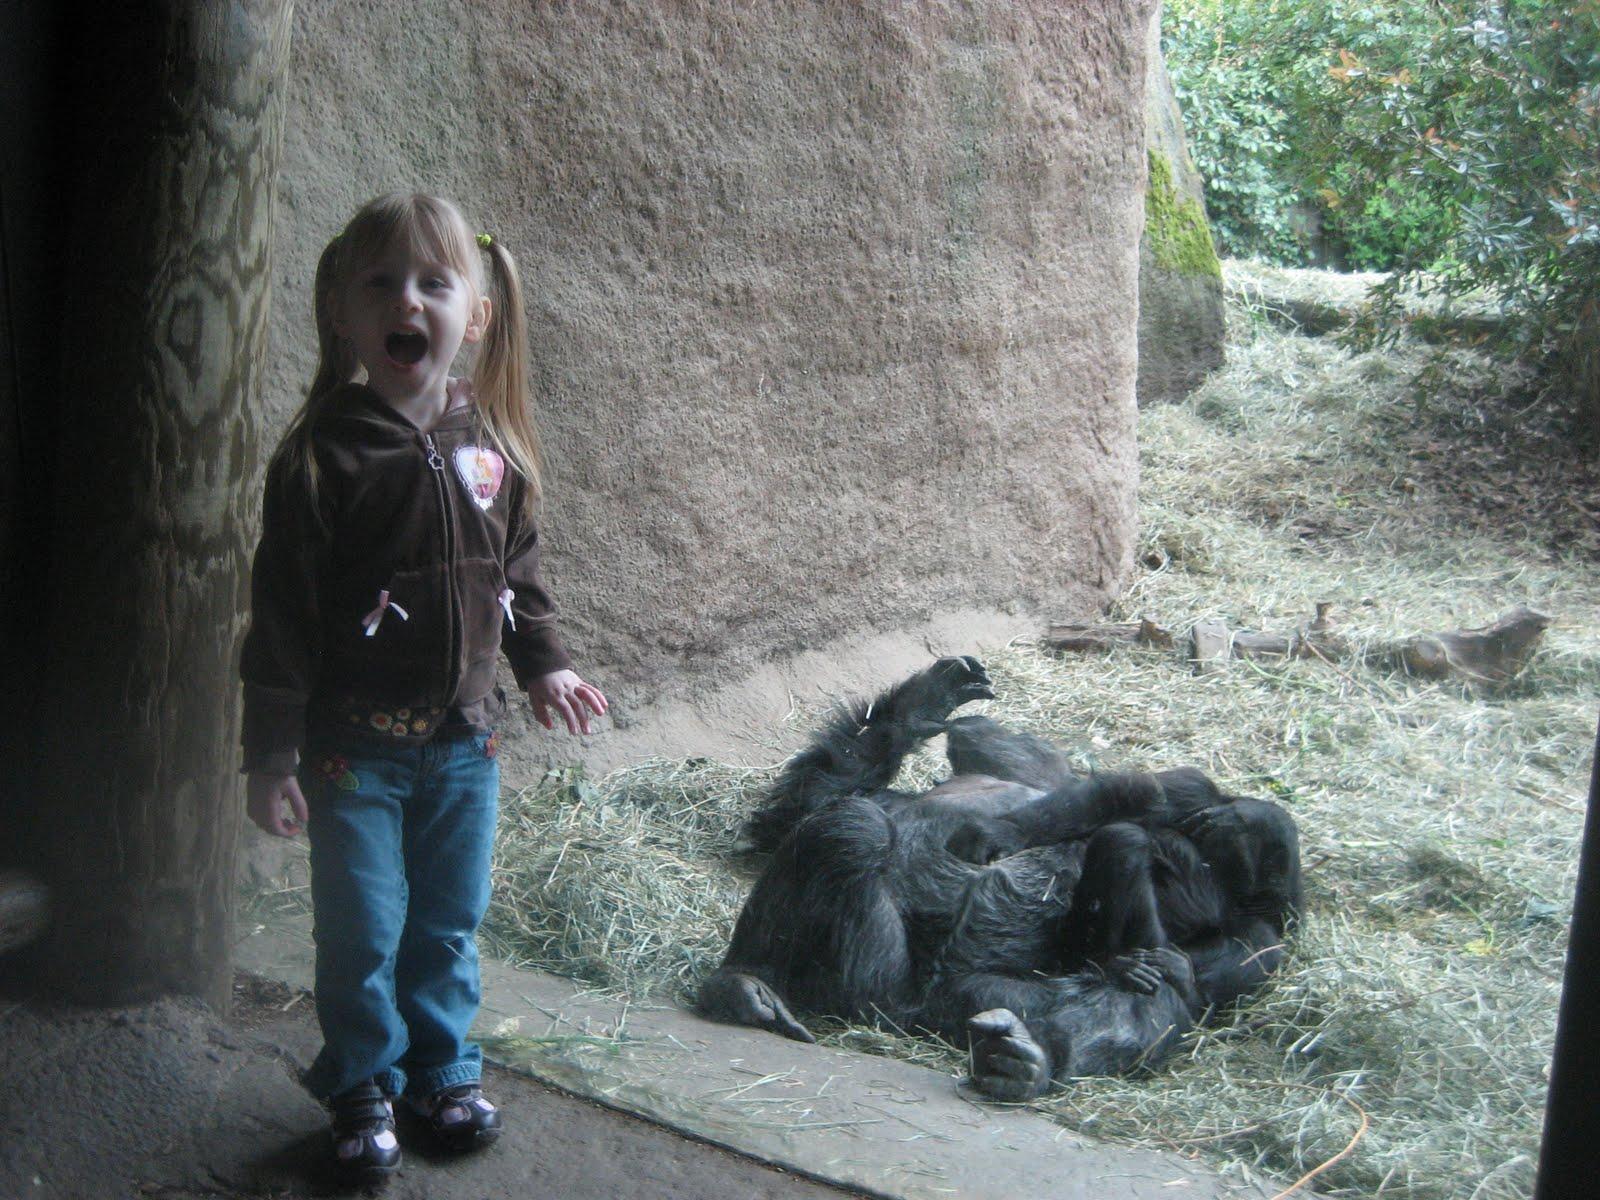 http://4.bp.blogspot.com/_i3Q70VQUzVY/S94aYEo__PI/AAAAAAAAARI/o7rqZf9Cw50/s1600/Zoo+April+2010+048.JPG